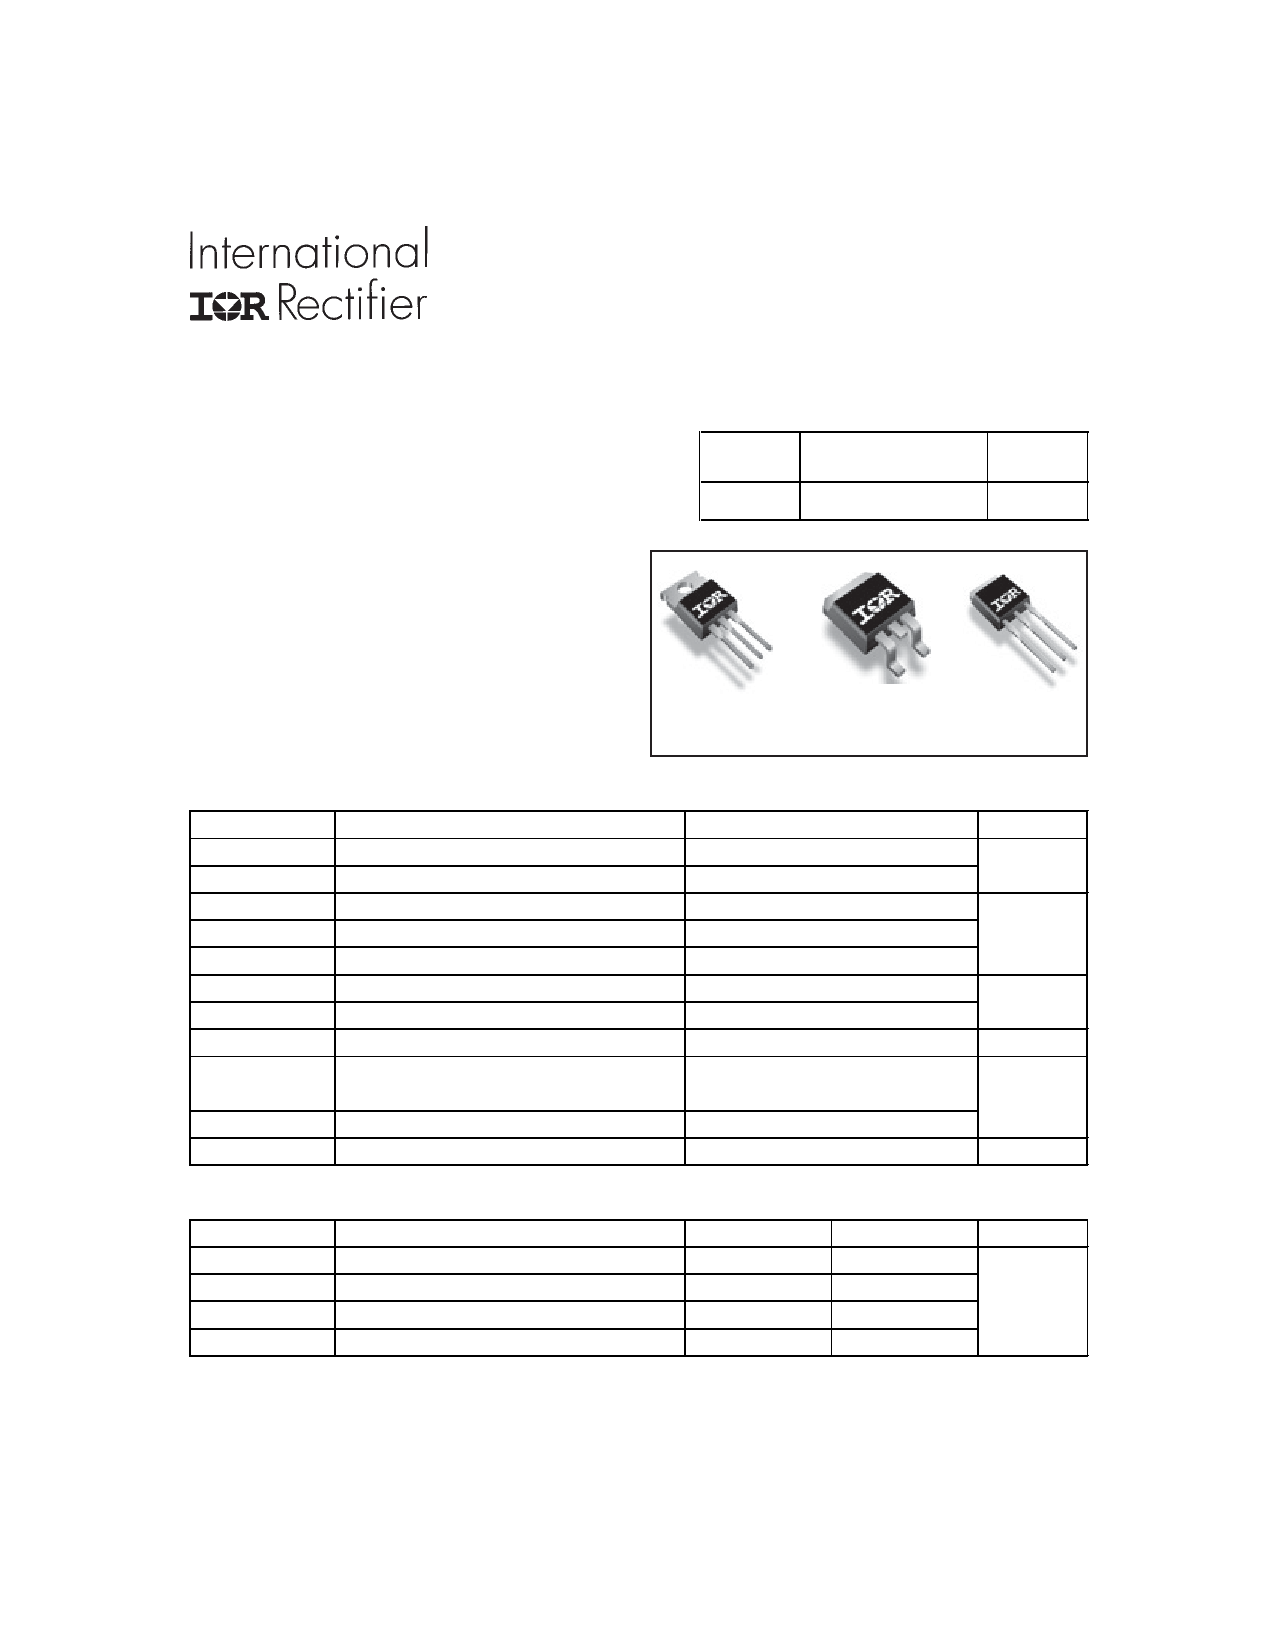 IRF3711ZSPbF Datasheet, IRF3711ZSPbF PDF,ピン配置, 機能